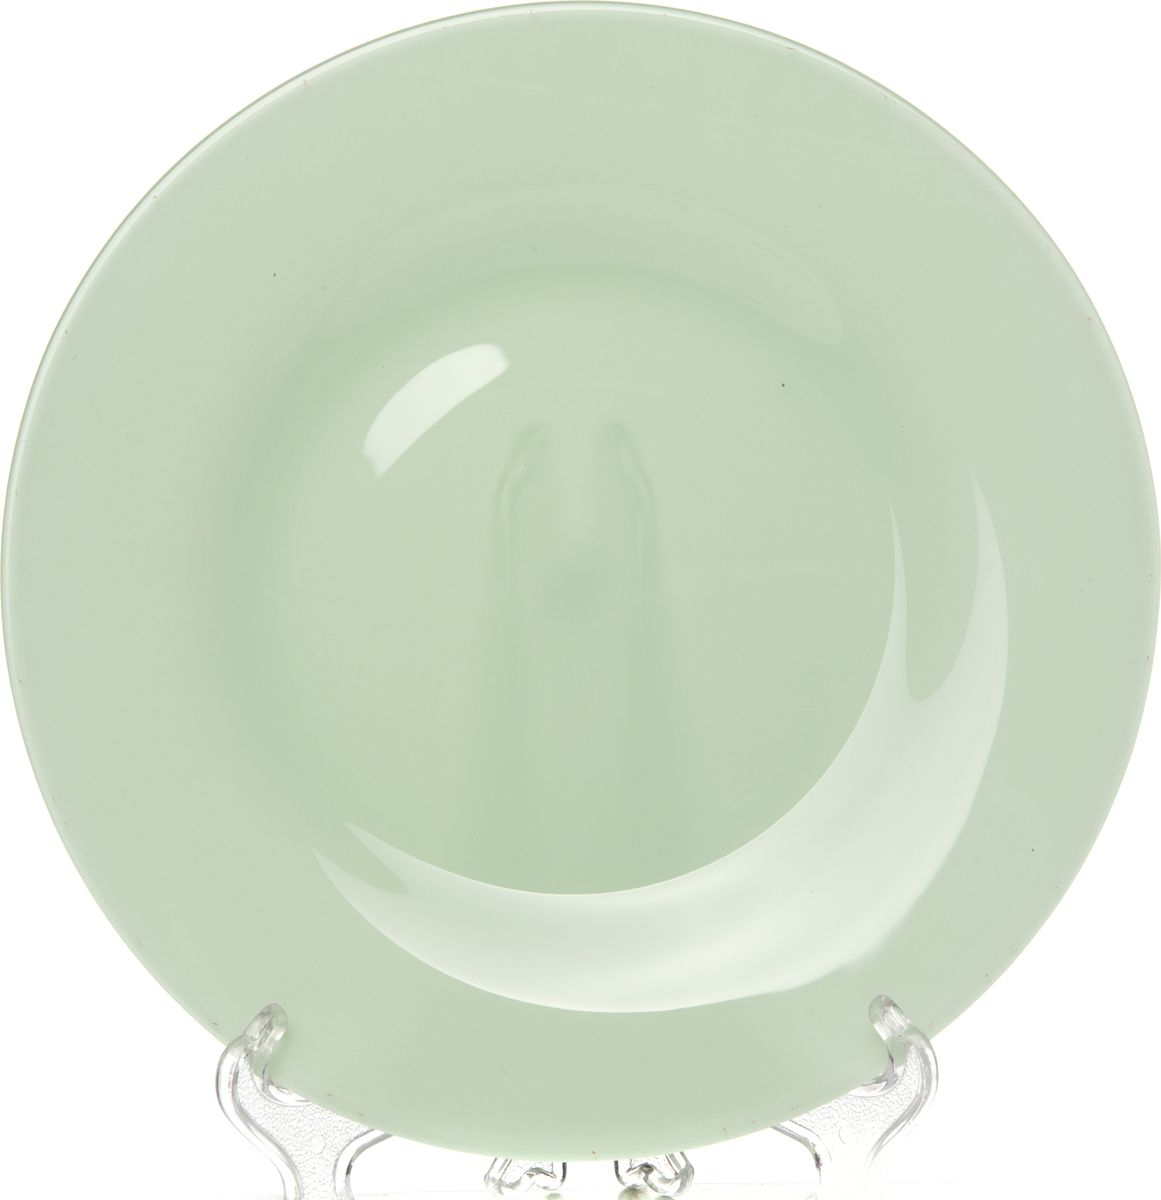 Тарелка Pasabahce Бохо, цвет: зеленый, 26 см. 2881510328SLBD45Тарелка обеденная из упрочненного стекла зеленого цвета d=260 мм